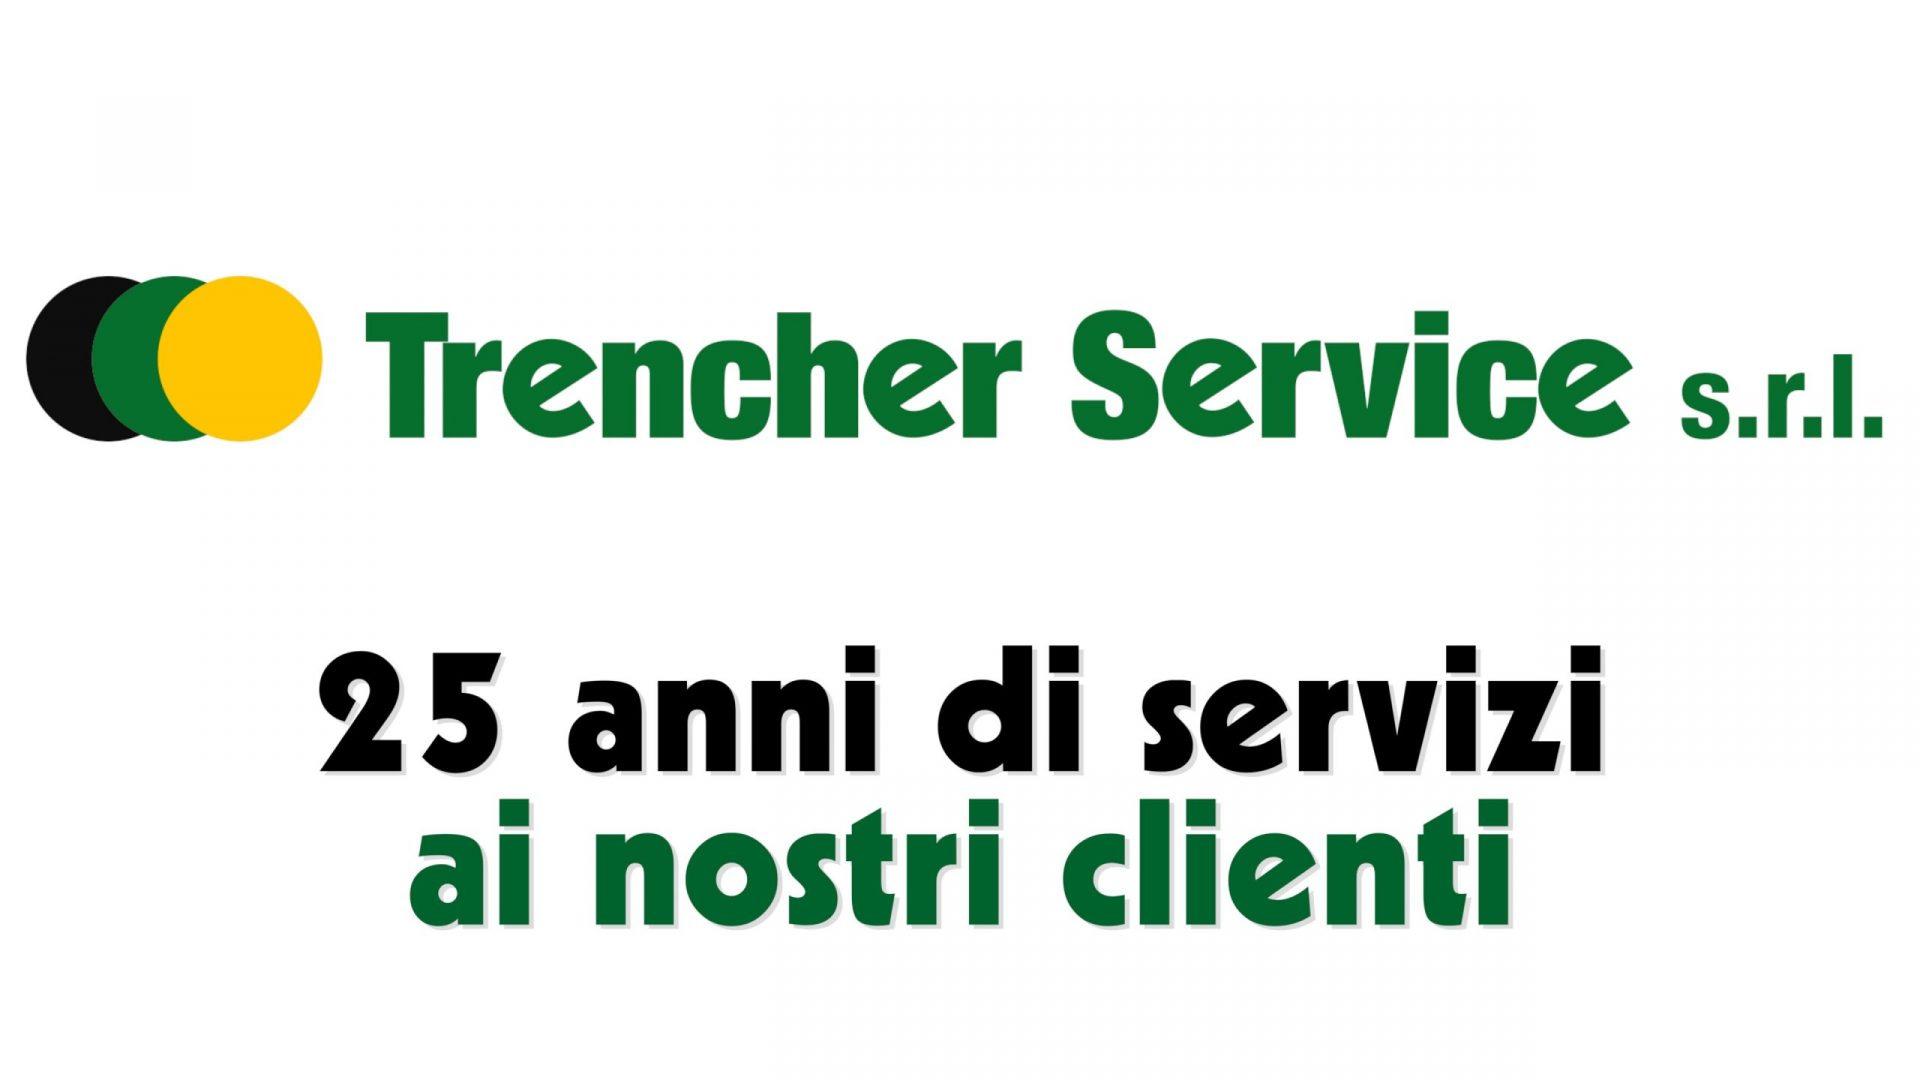 25 anni Trencher Service